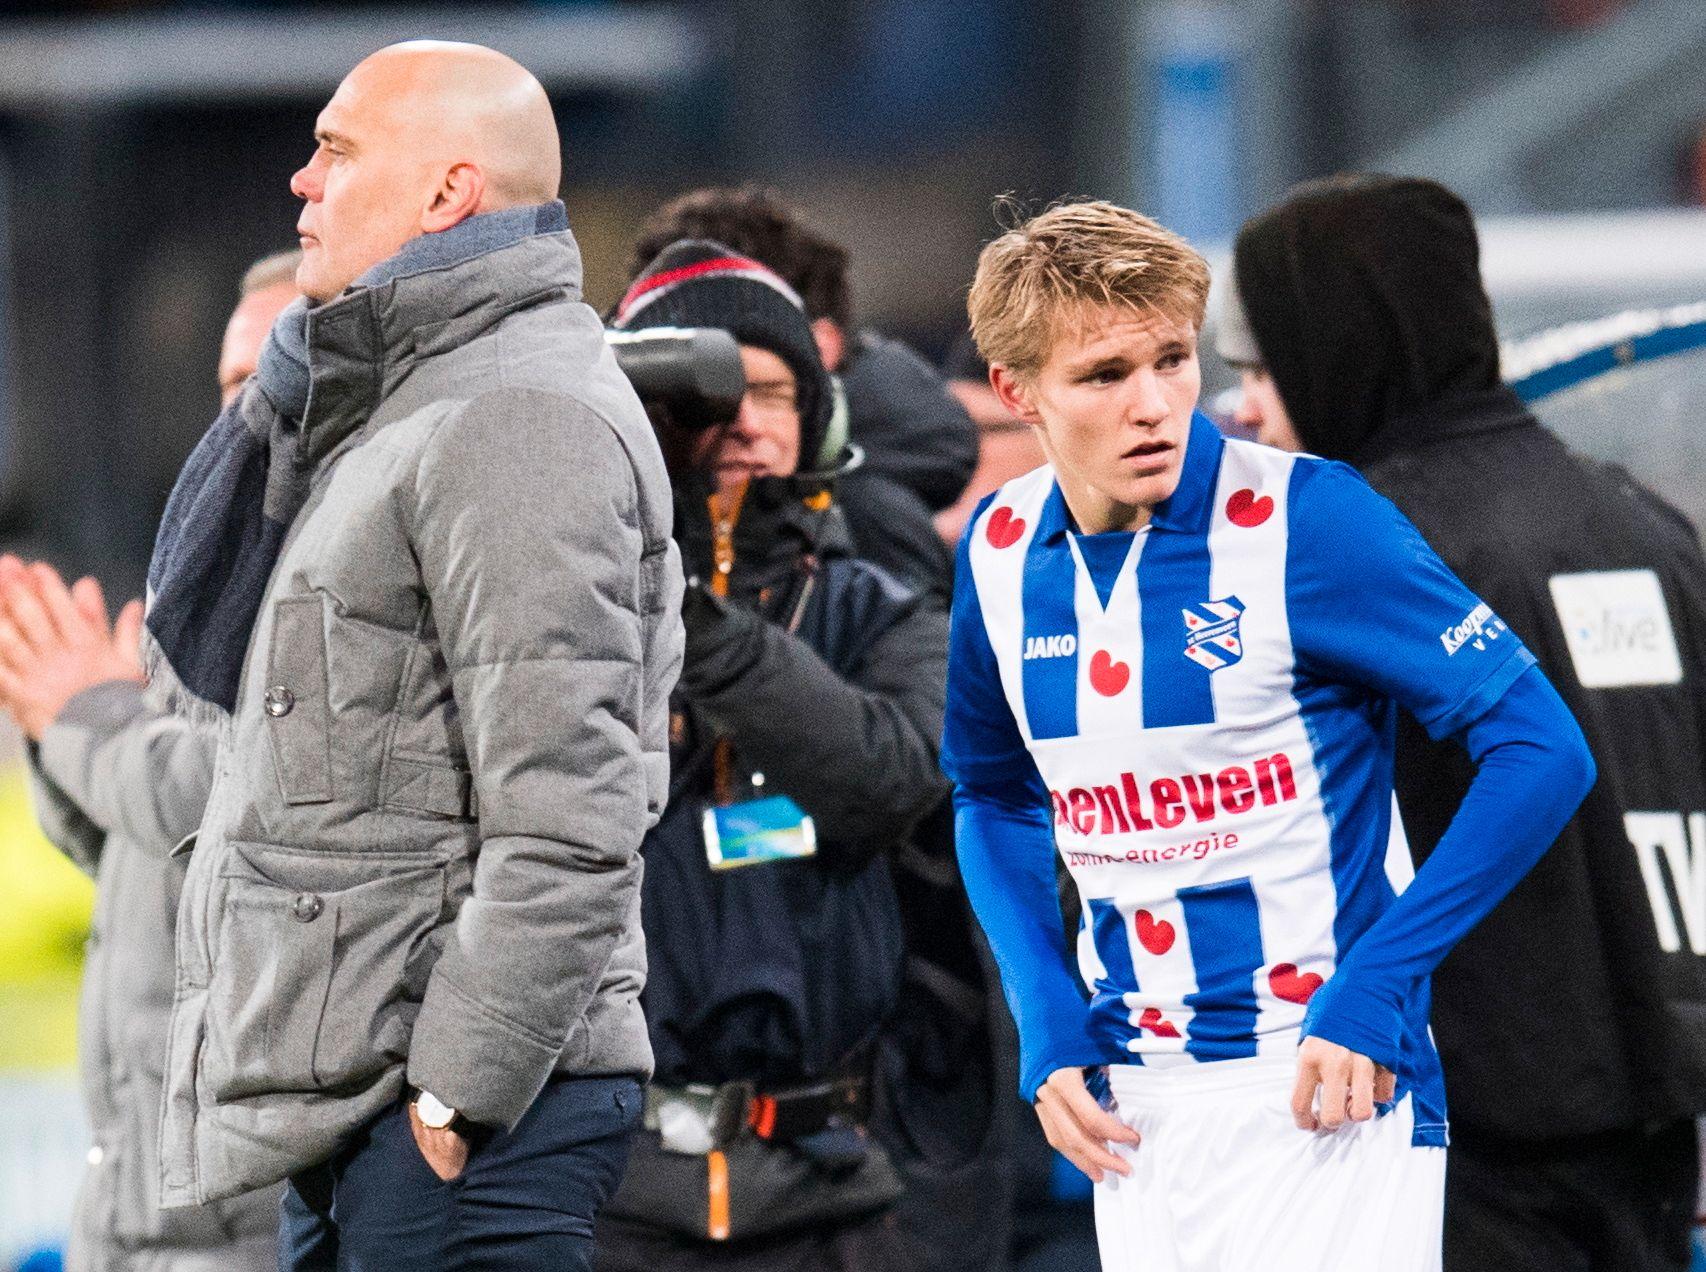 ØDEGAARD-SJEFEN: Jurgen Streppel mener det bare er et tidsspørsmål før Martin Ødegaard er inne på A-landslaget. Dette bildet er fra møtet med Ado den Haag i april. Foto: NTB SCANPIX